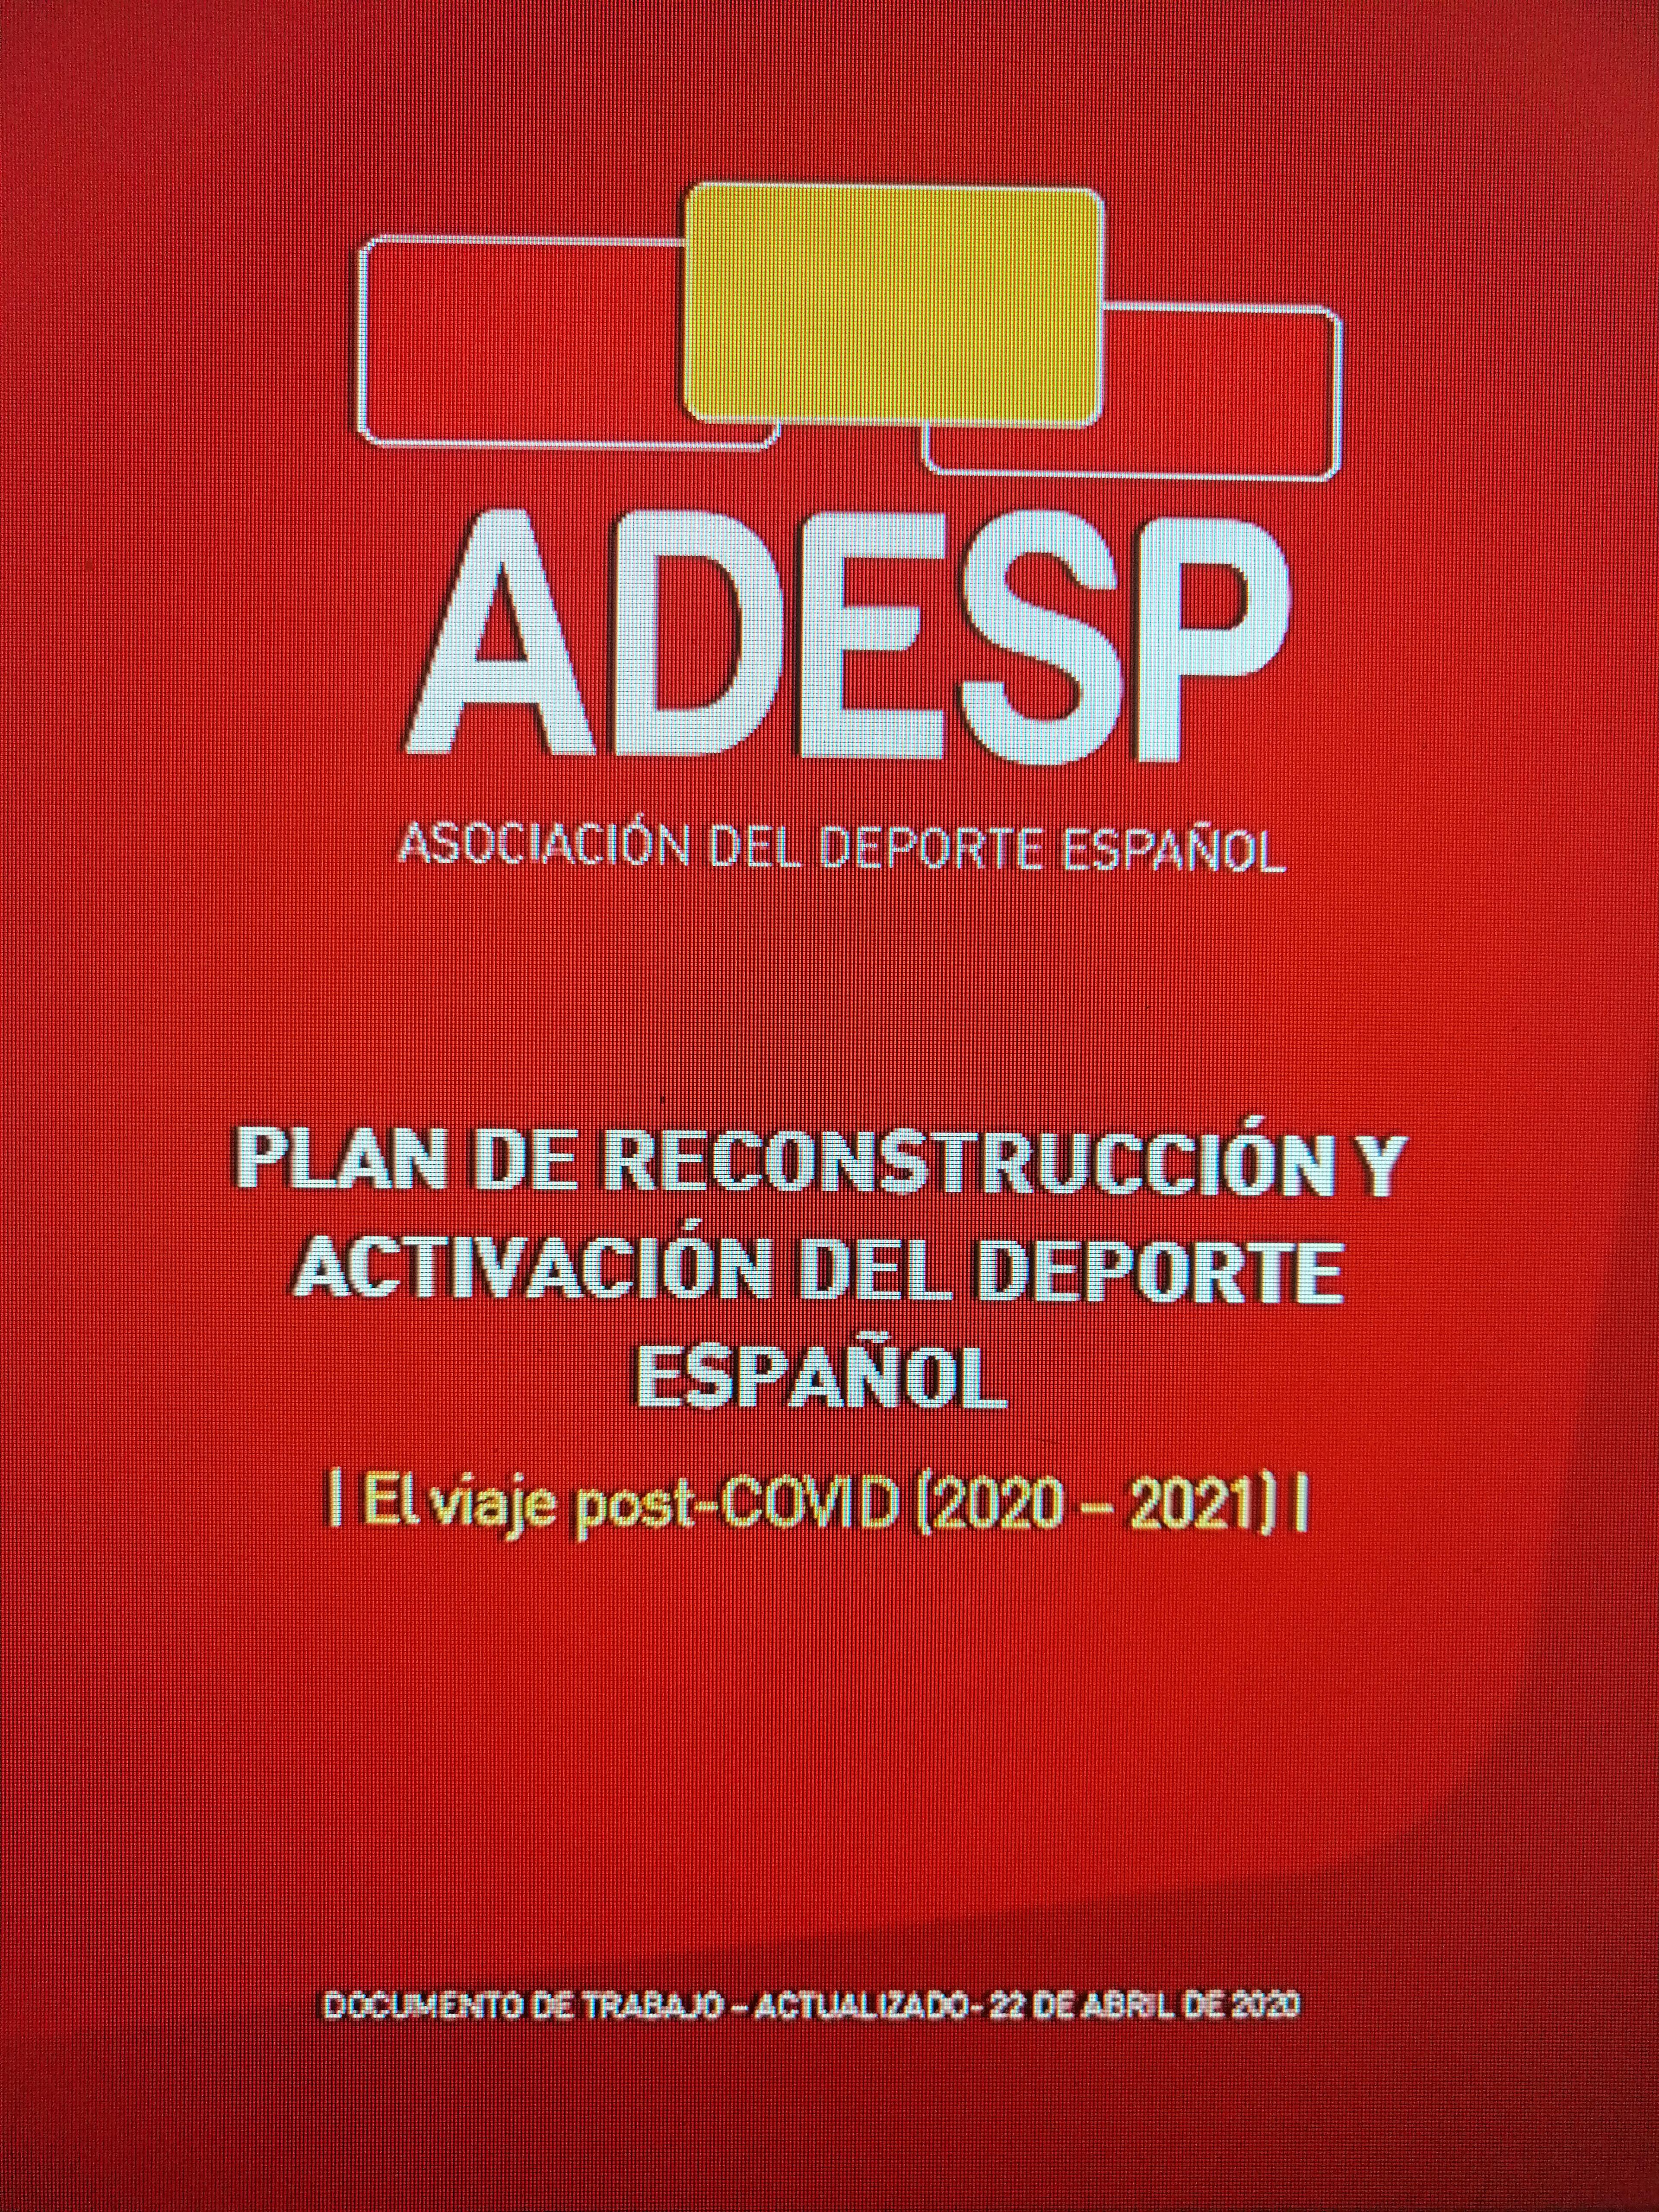 ADESP presenta un exhaustivo Plan para la Reconstrucción y Activación del Deporte Español